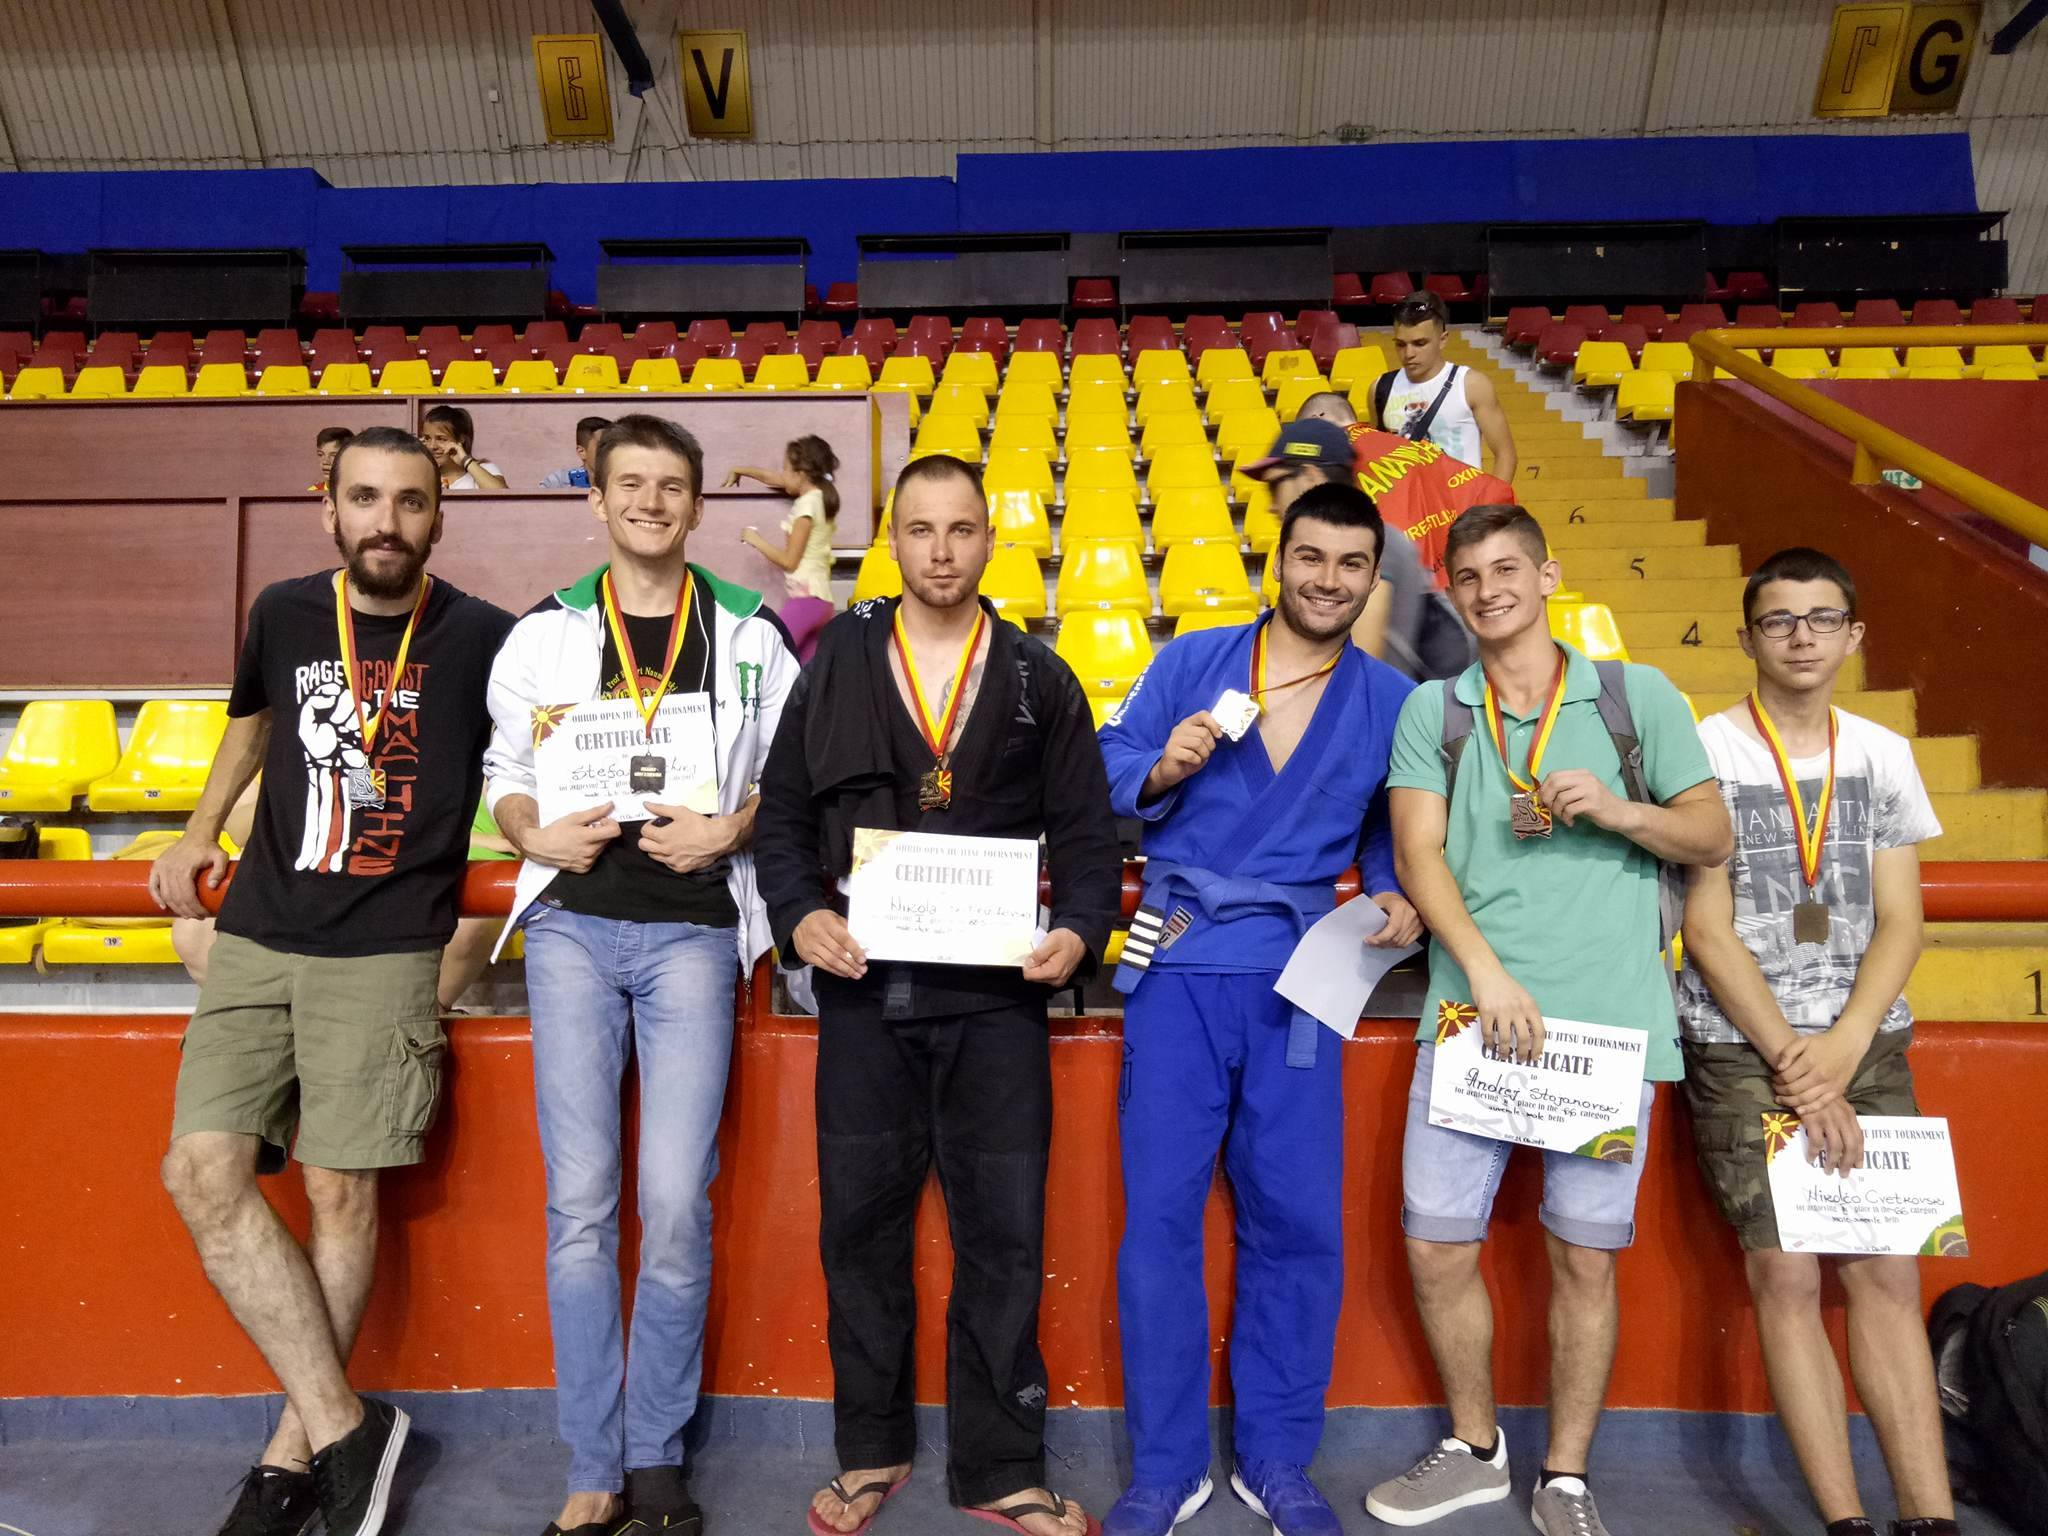 Кумановци со шест медали на отвореното првенство во Џиу-џица